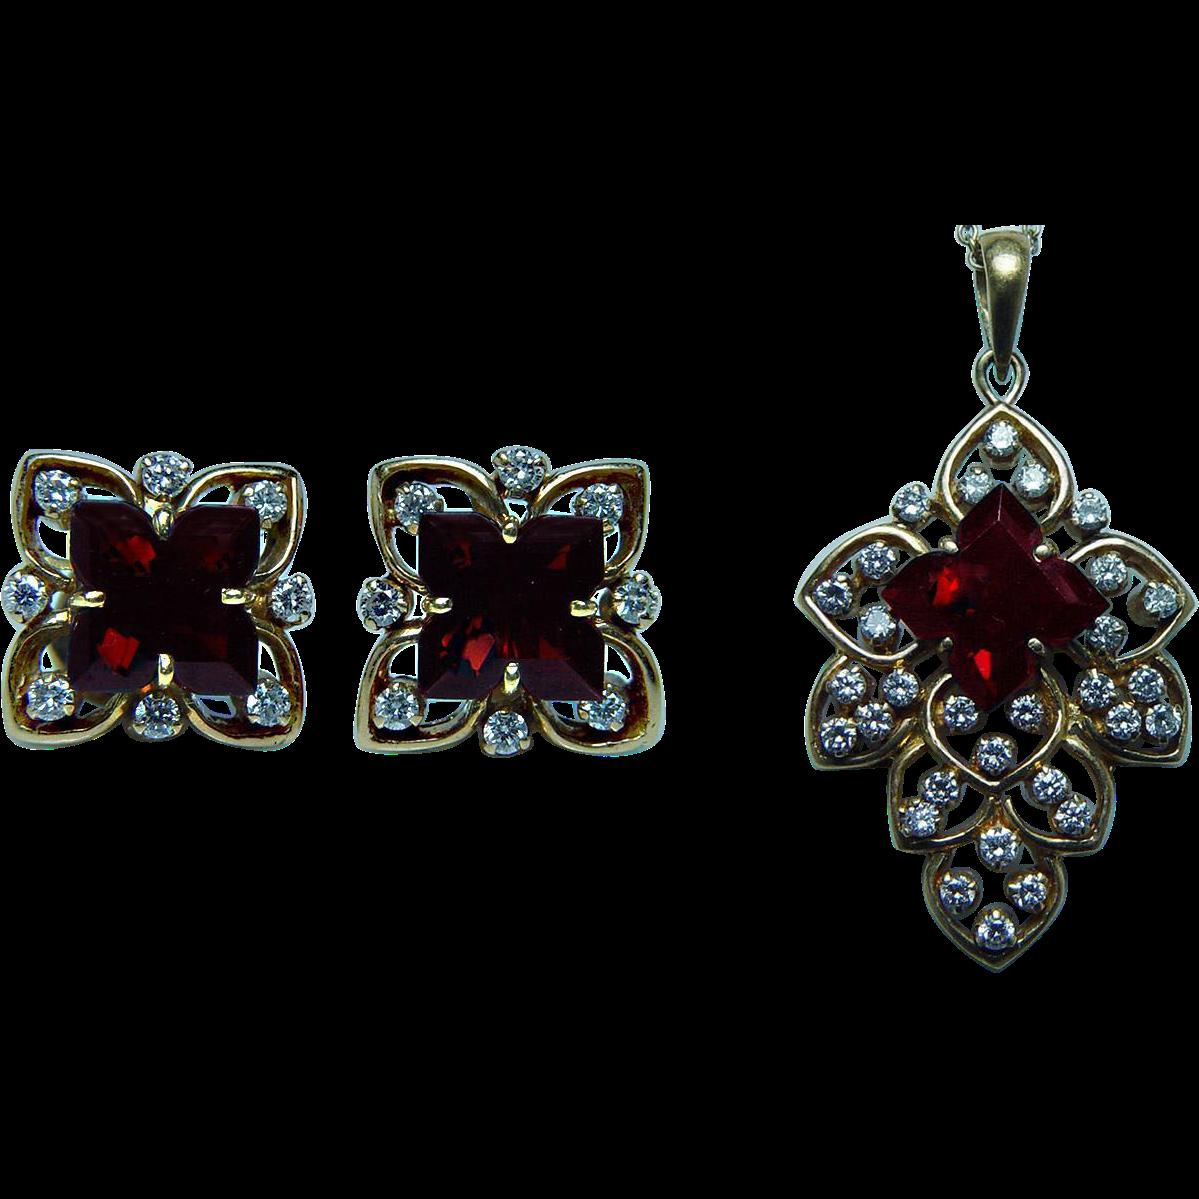 Vintage k gold diamond garnet earrings pendant set estate heavy